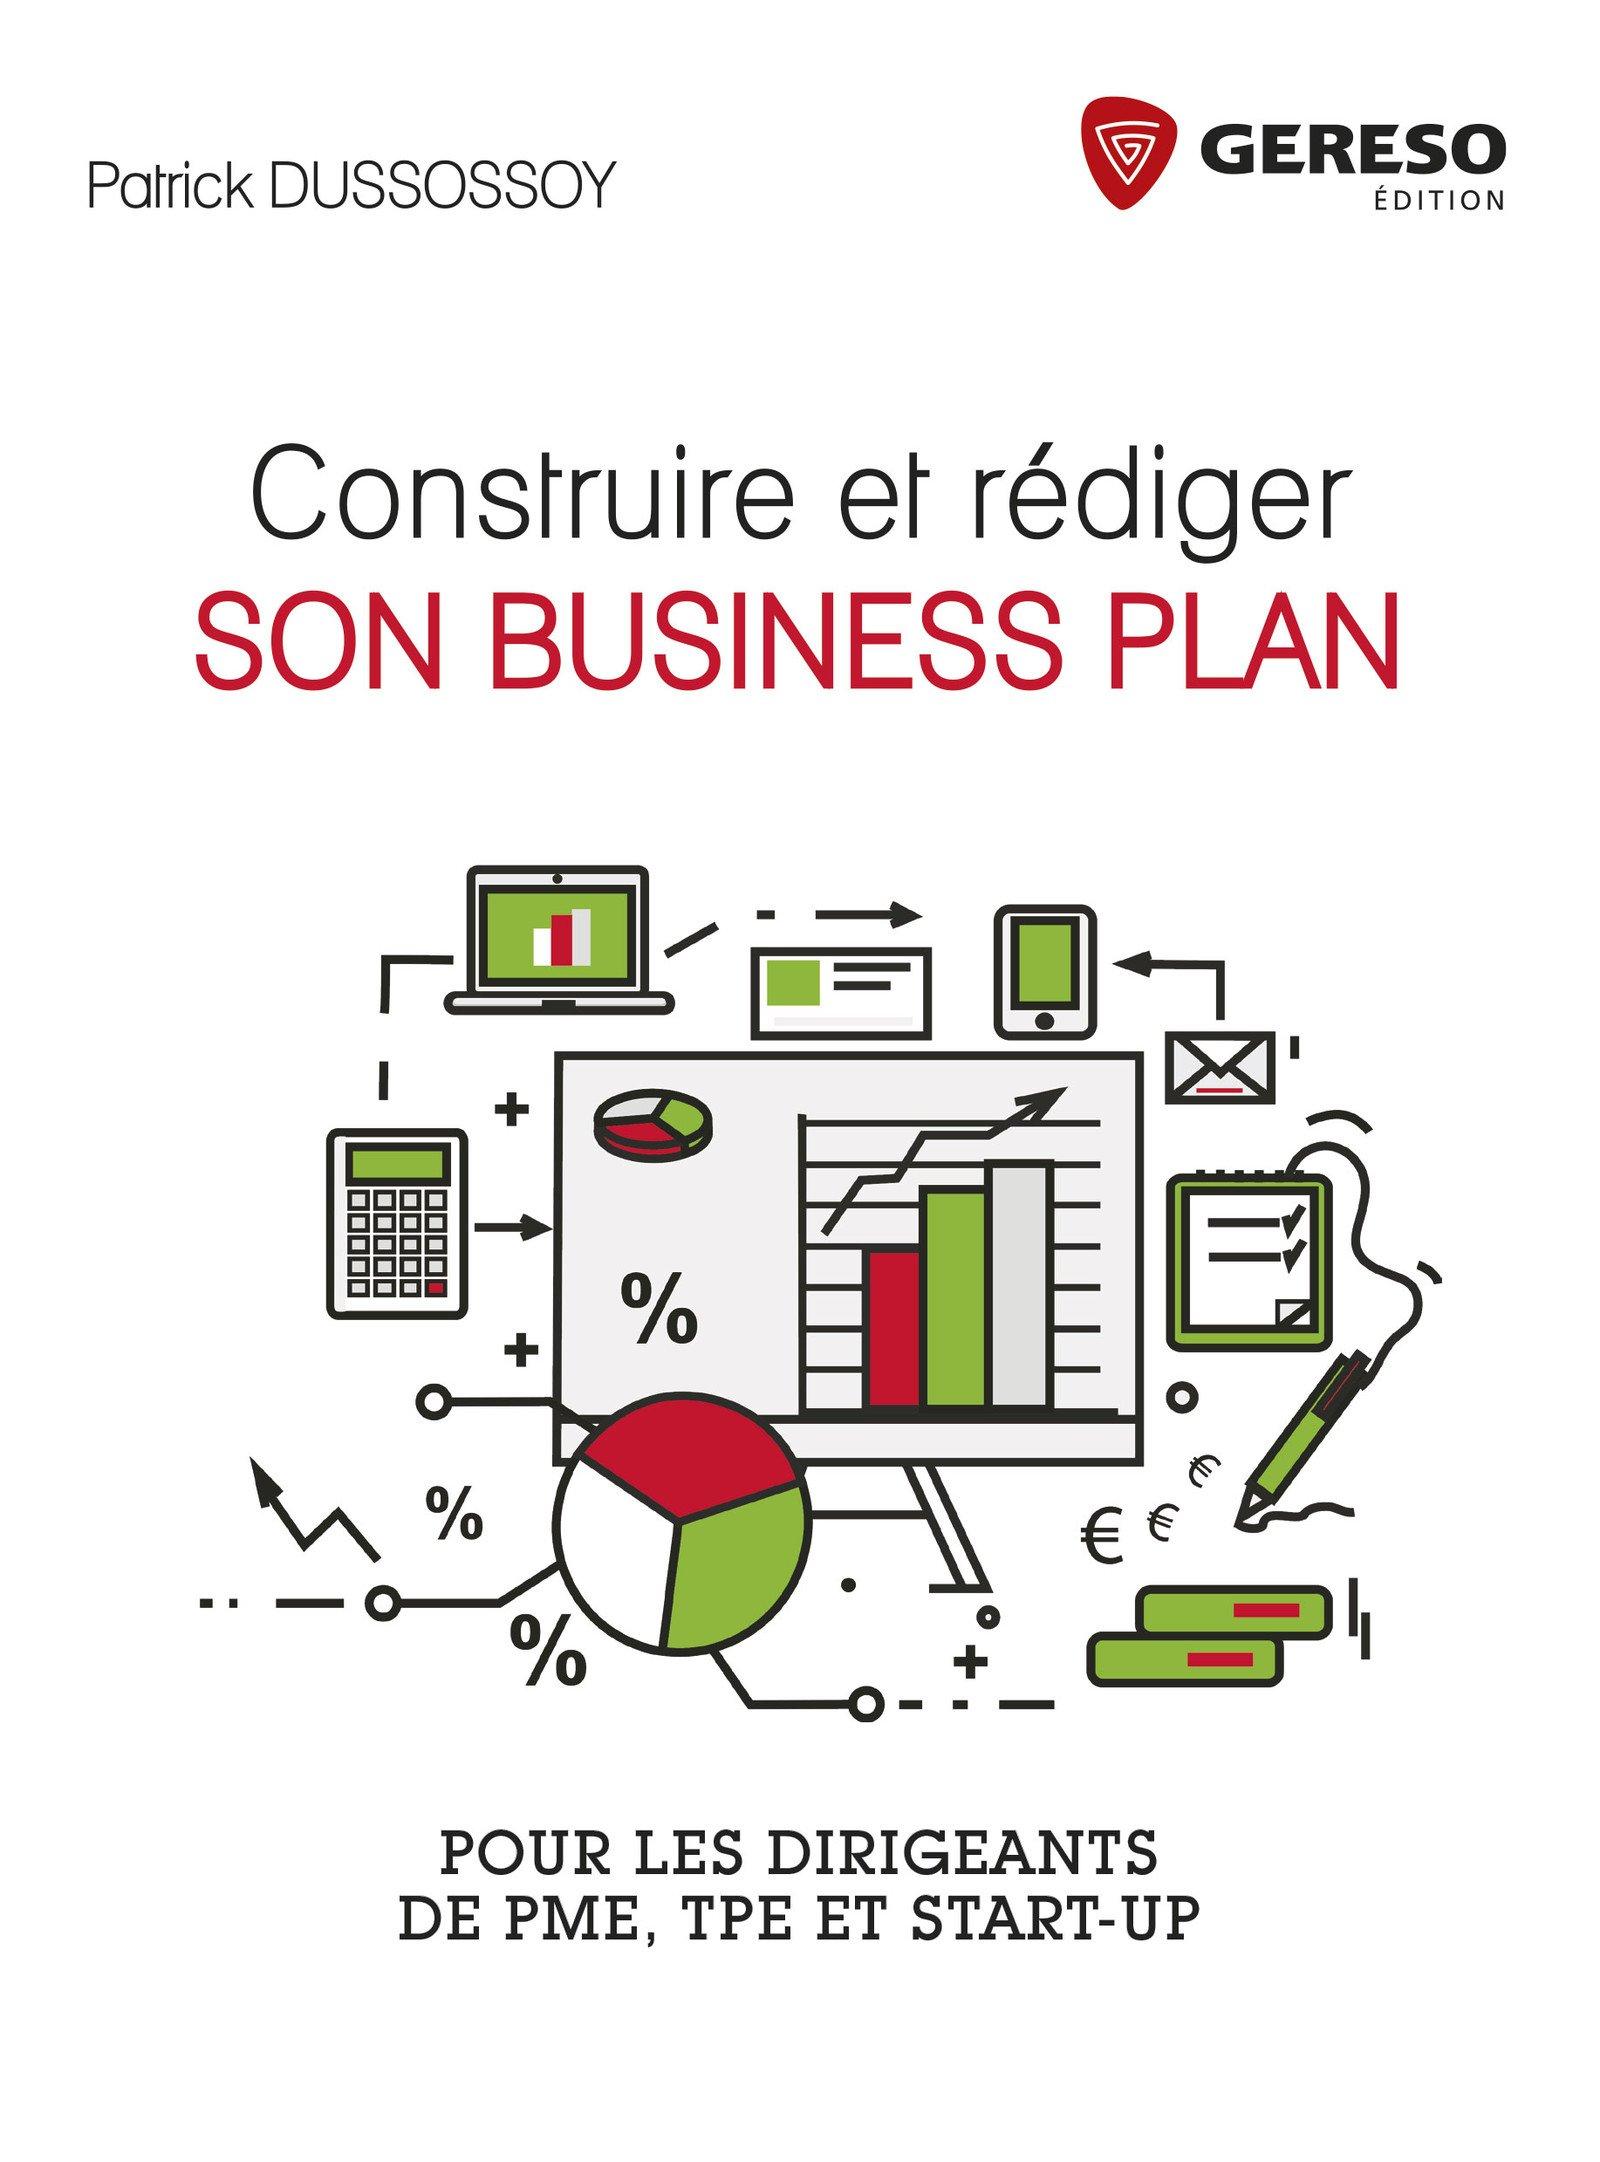 Construire et rédiger son business plan (2017) : Pour les dirigeants de PME, TPE et start-up